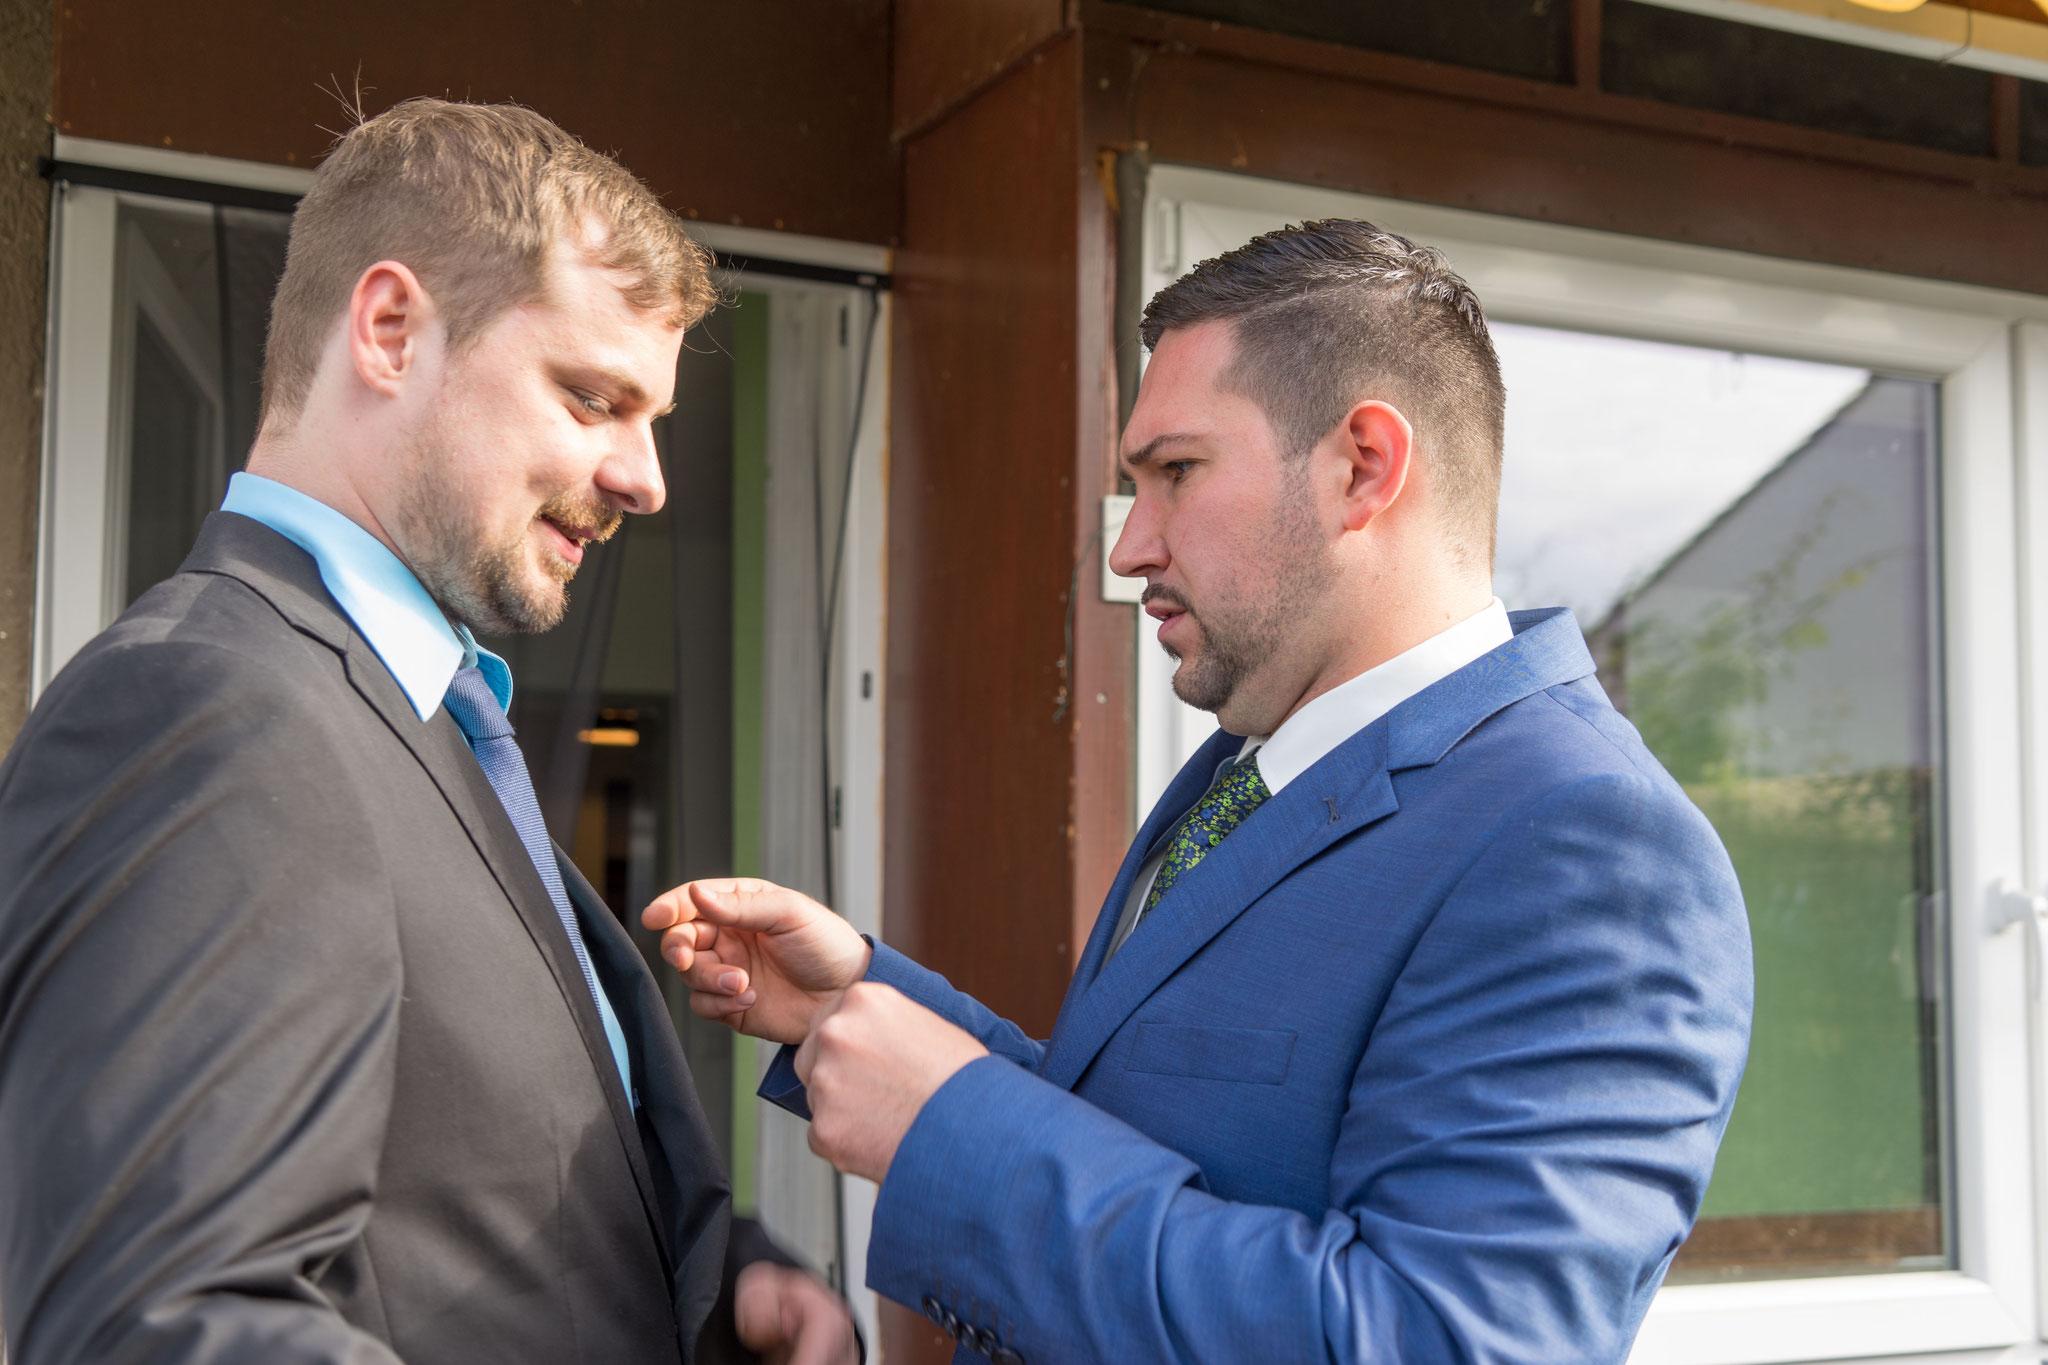 ja, der Knoten der Krawatte schon, aber der Kragen sollte noch gerichtet werden.